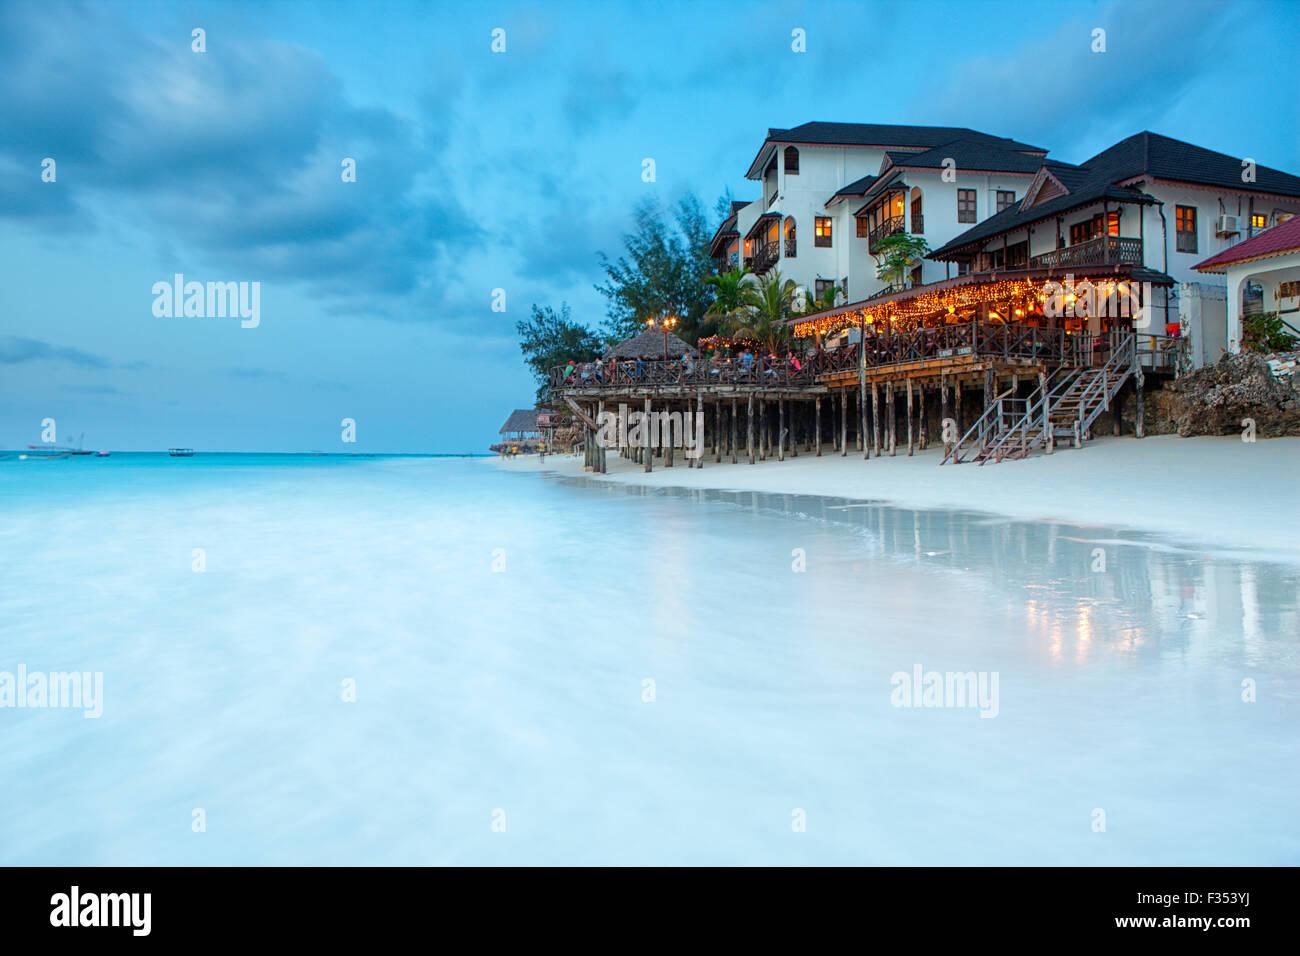 Tanzania, Zanzibar Archipelago, Unguja island (Zanzibar), Nungwi - Stock Image